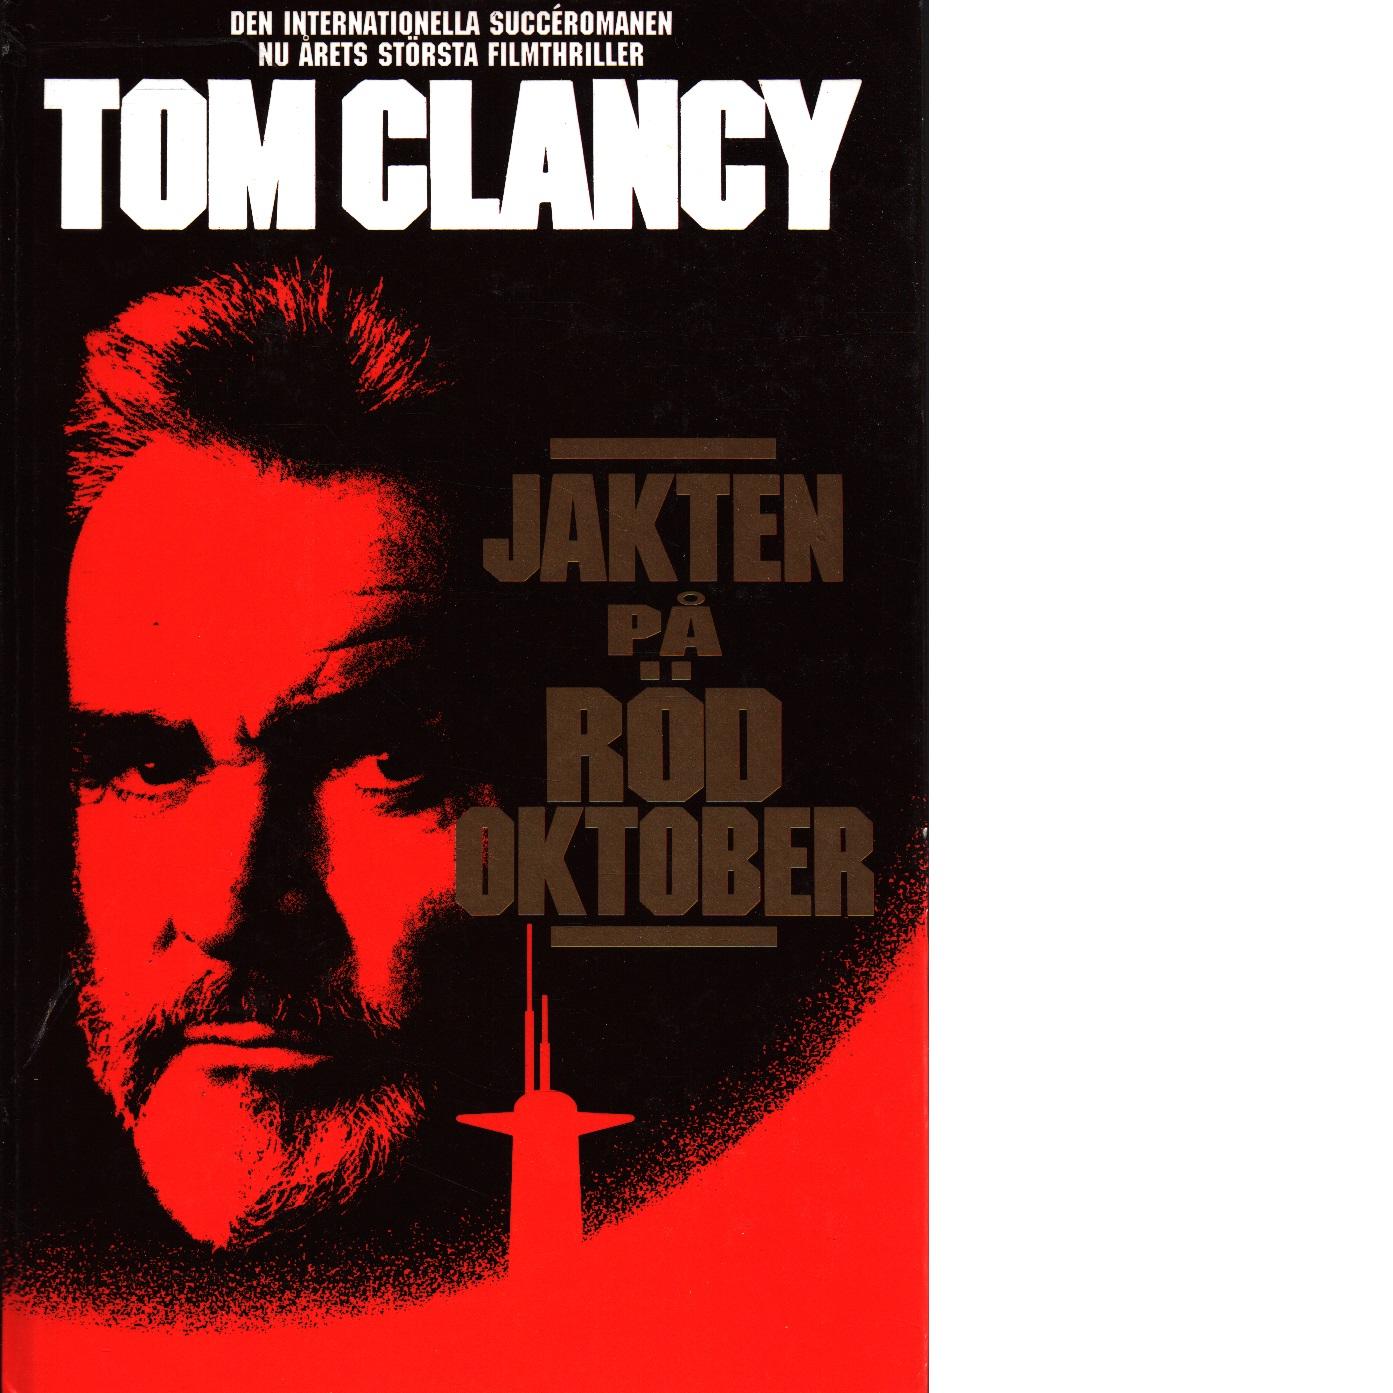 Jakten på Röd oktober - Clancy, Tom,